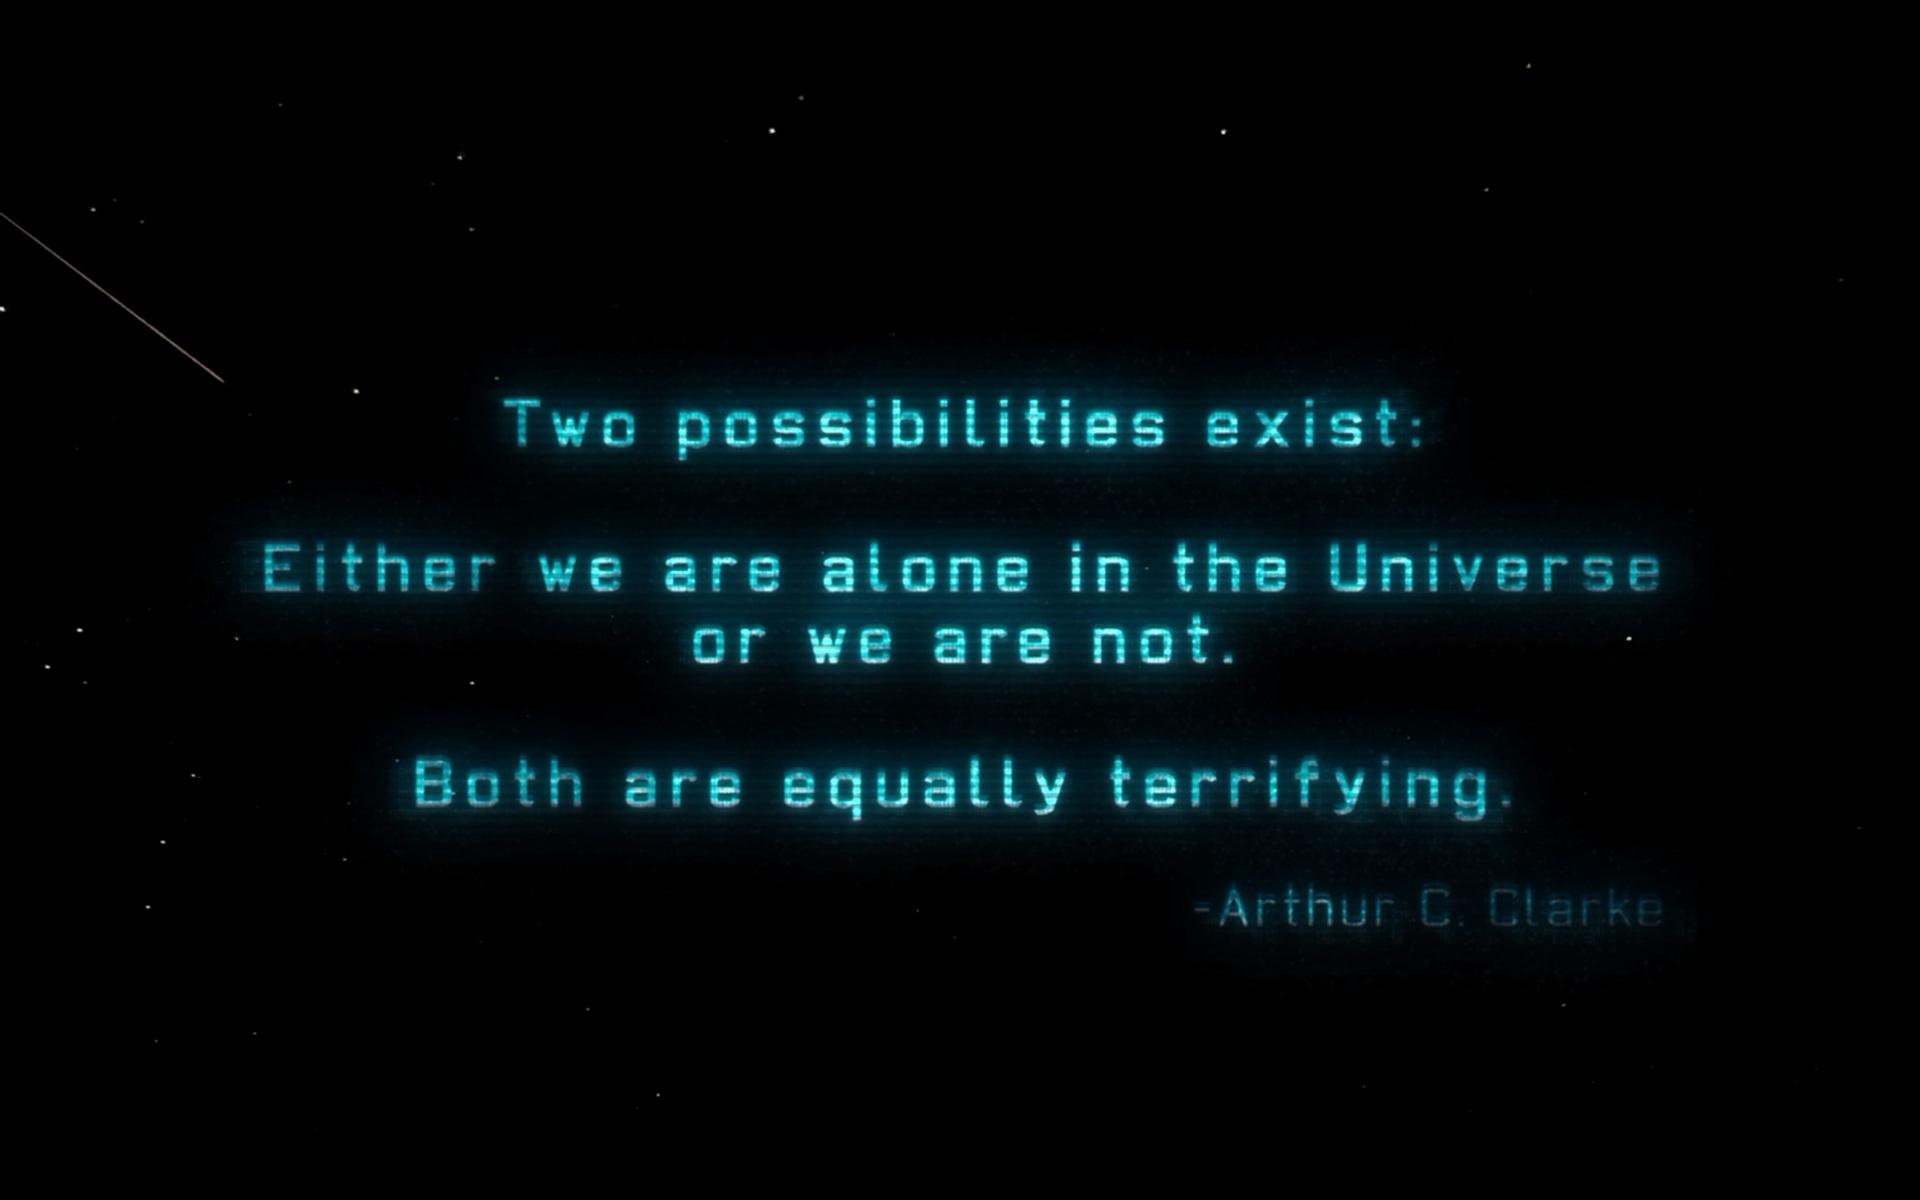 Arthur C. Clarke's quote #4